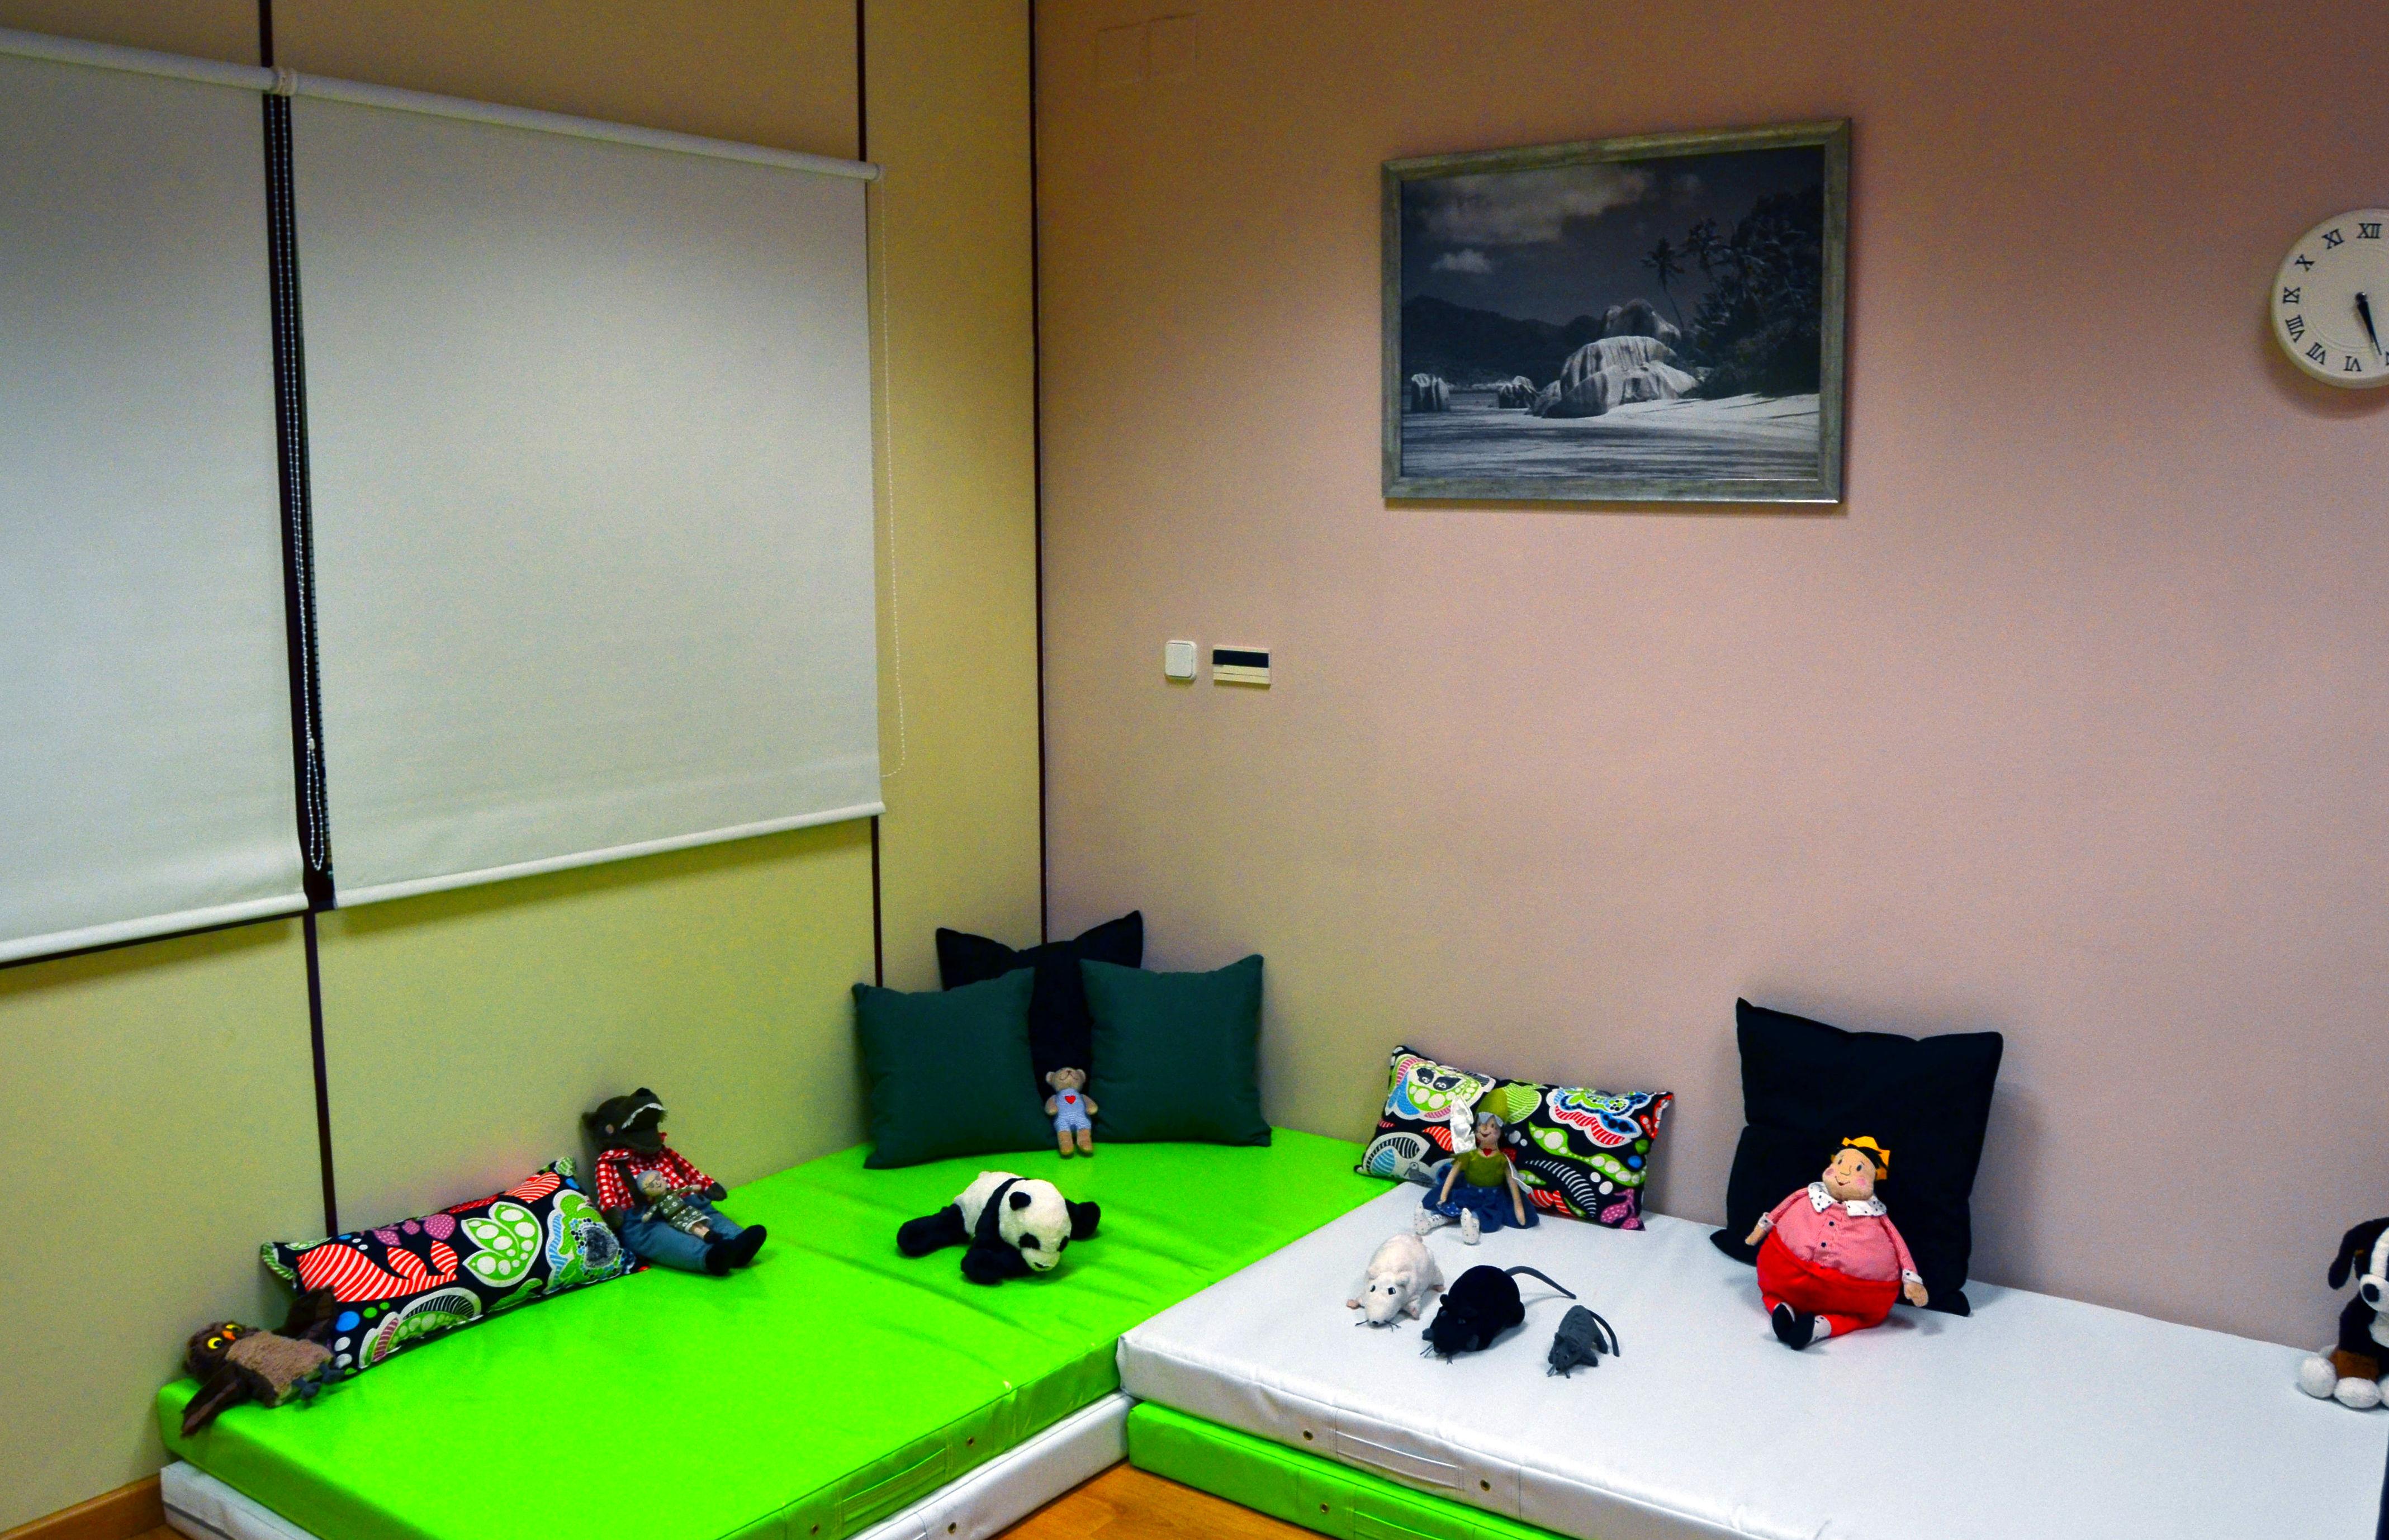 Terapia infantil: Terapias y talleres de Psicología y psicoterapia psiquemoción